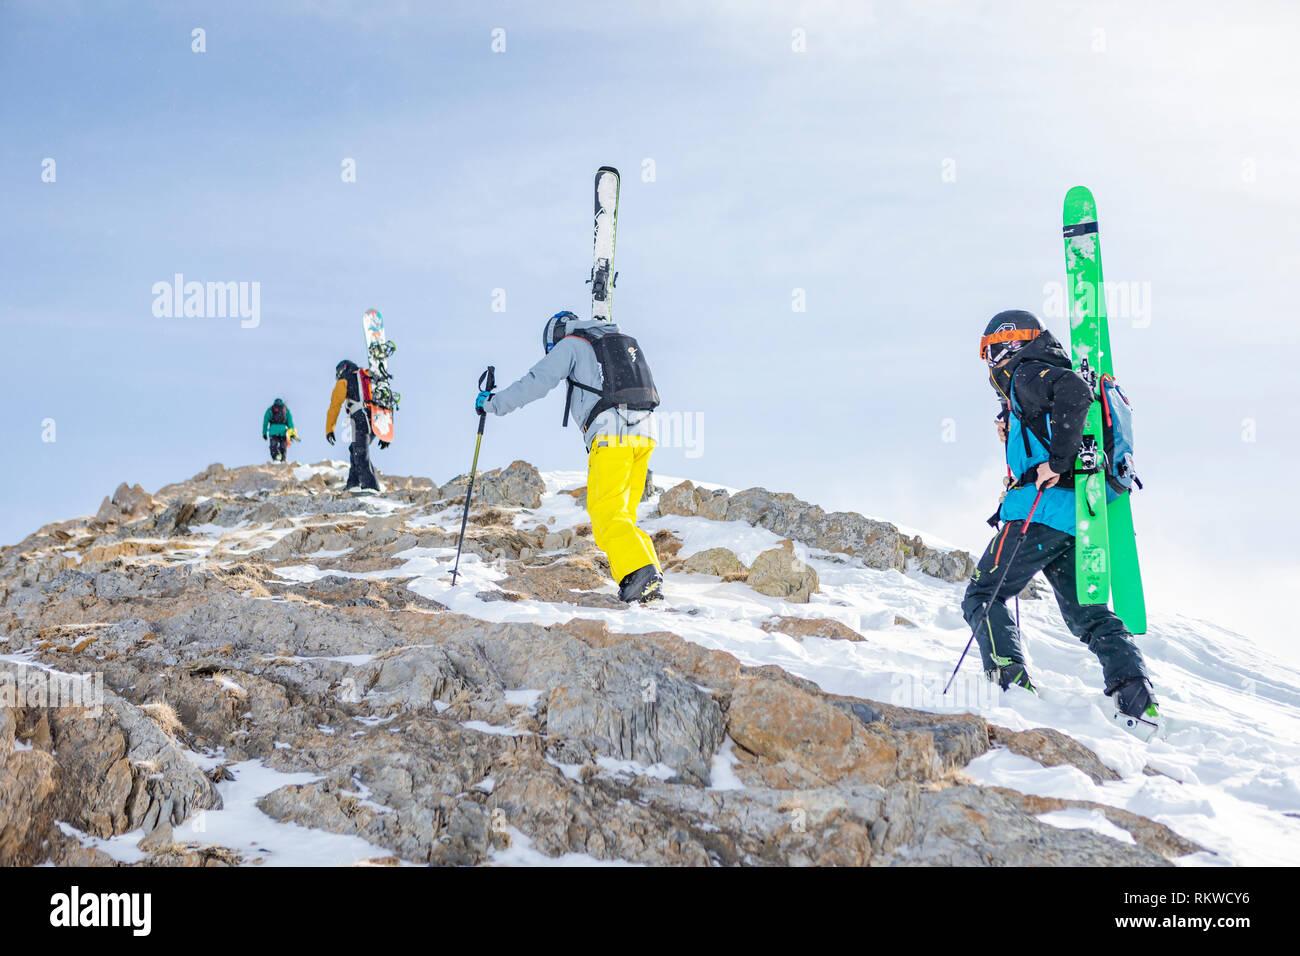 Los esquiadores y snowboarders de nieve trekking a la cima de la capa de polvo en un día. Foto de stock